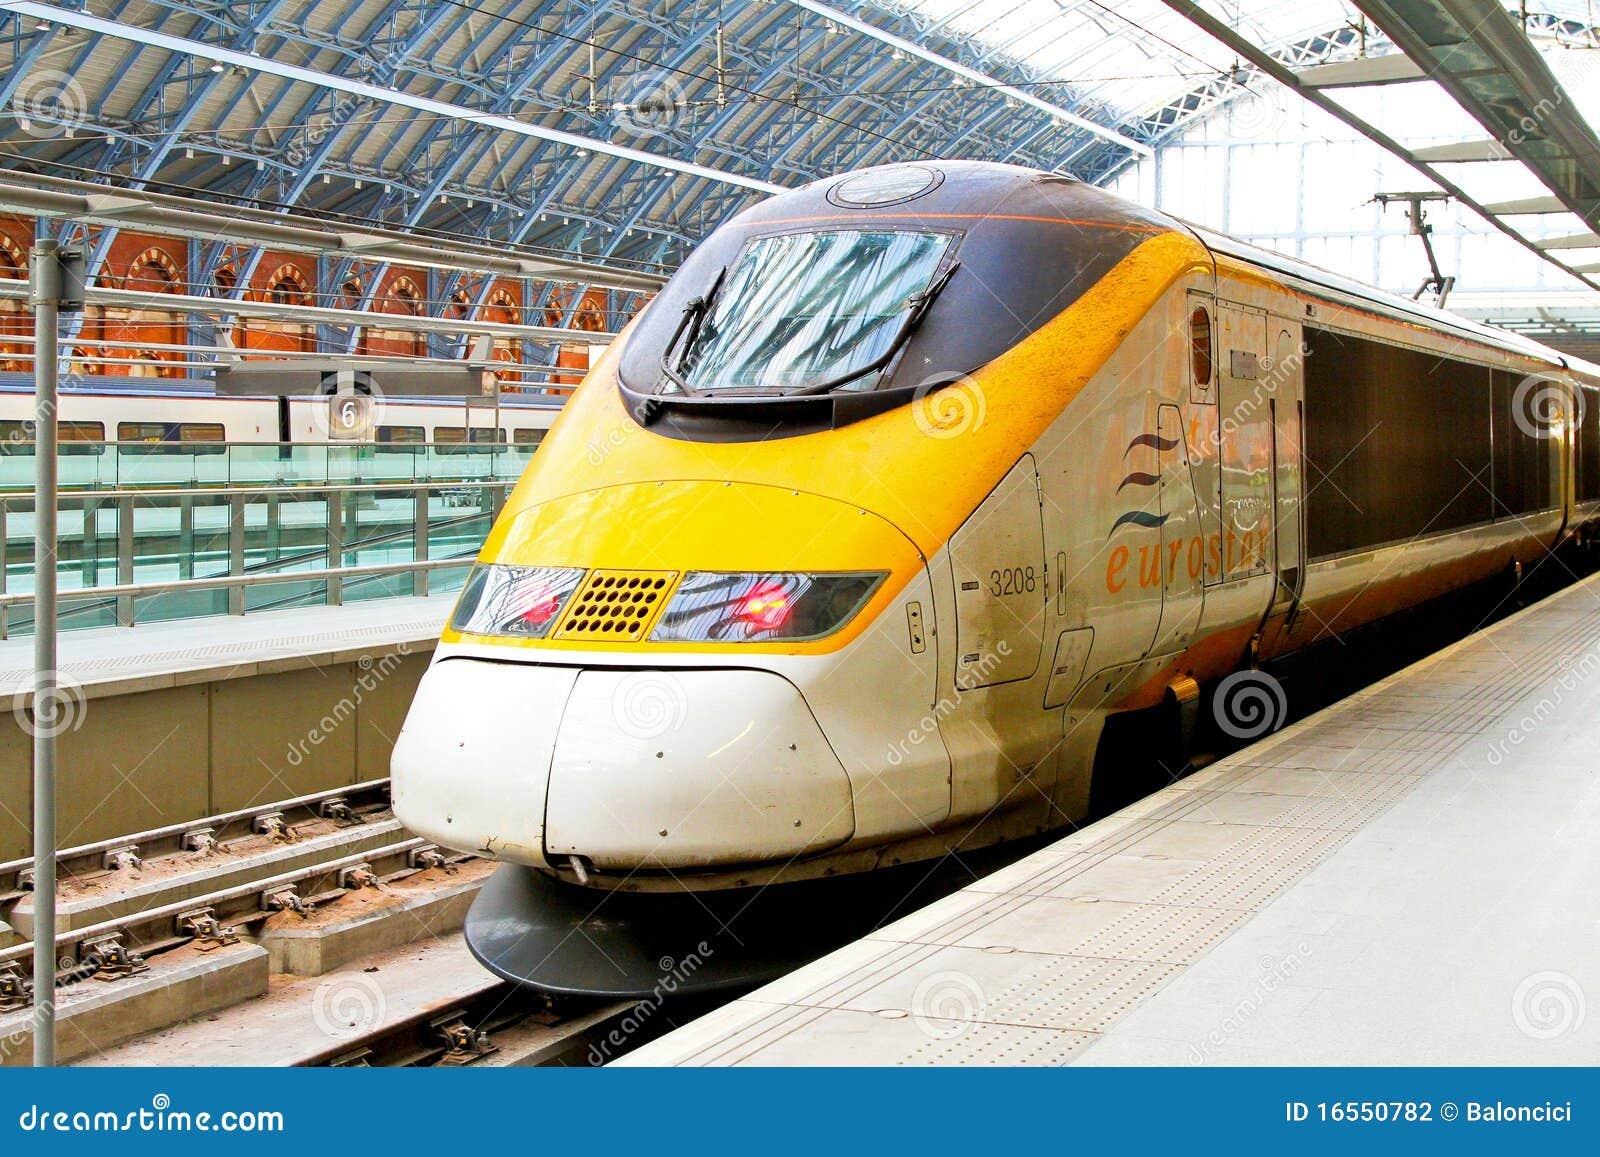 Eurostar platform